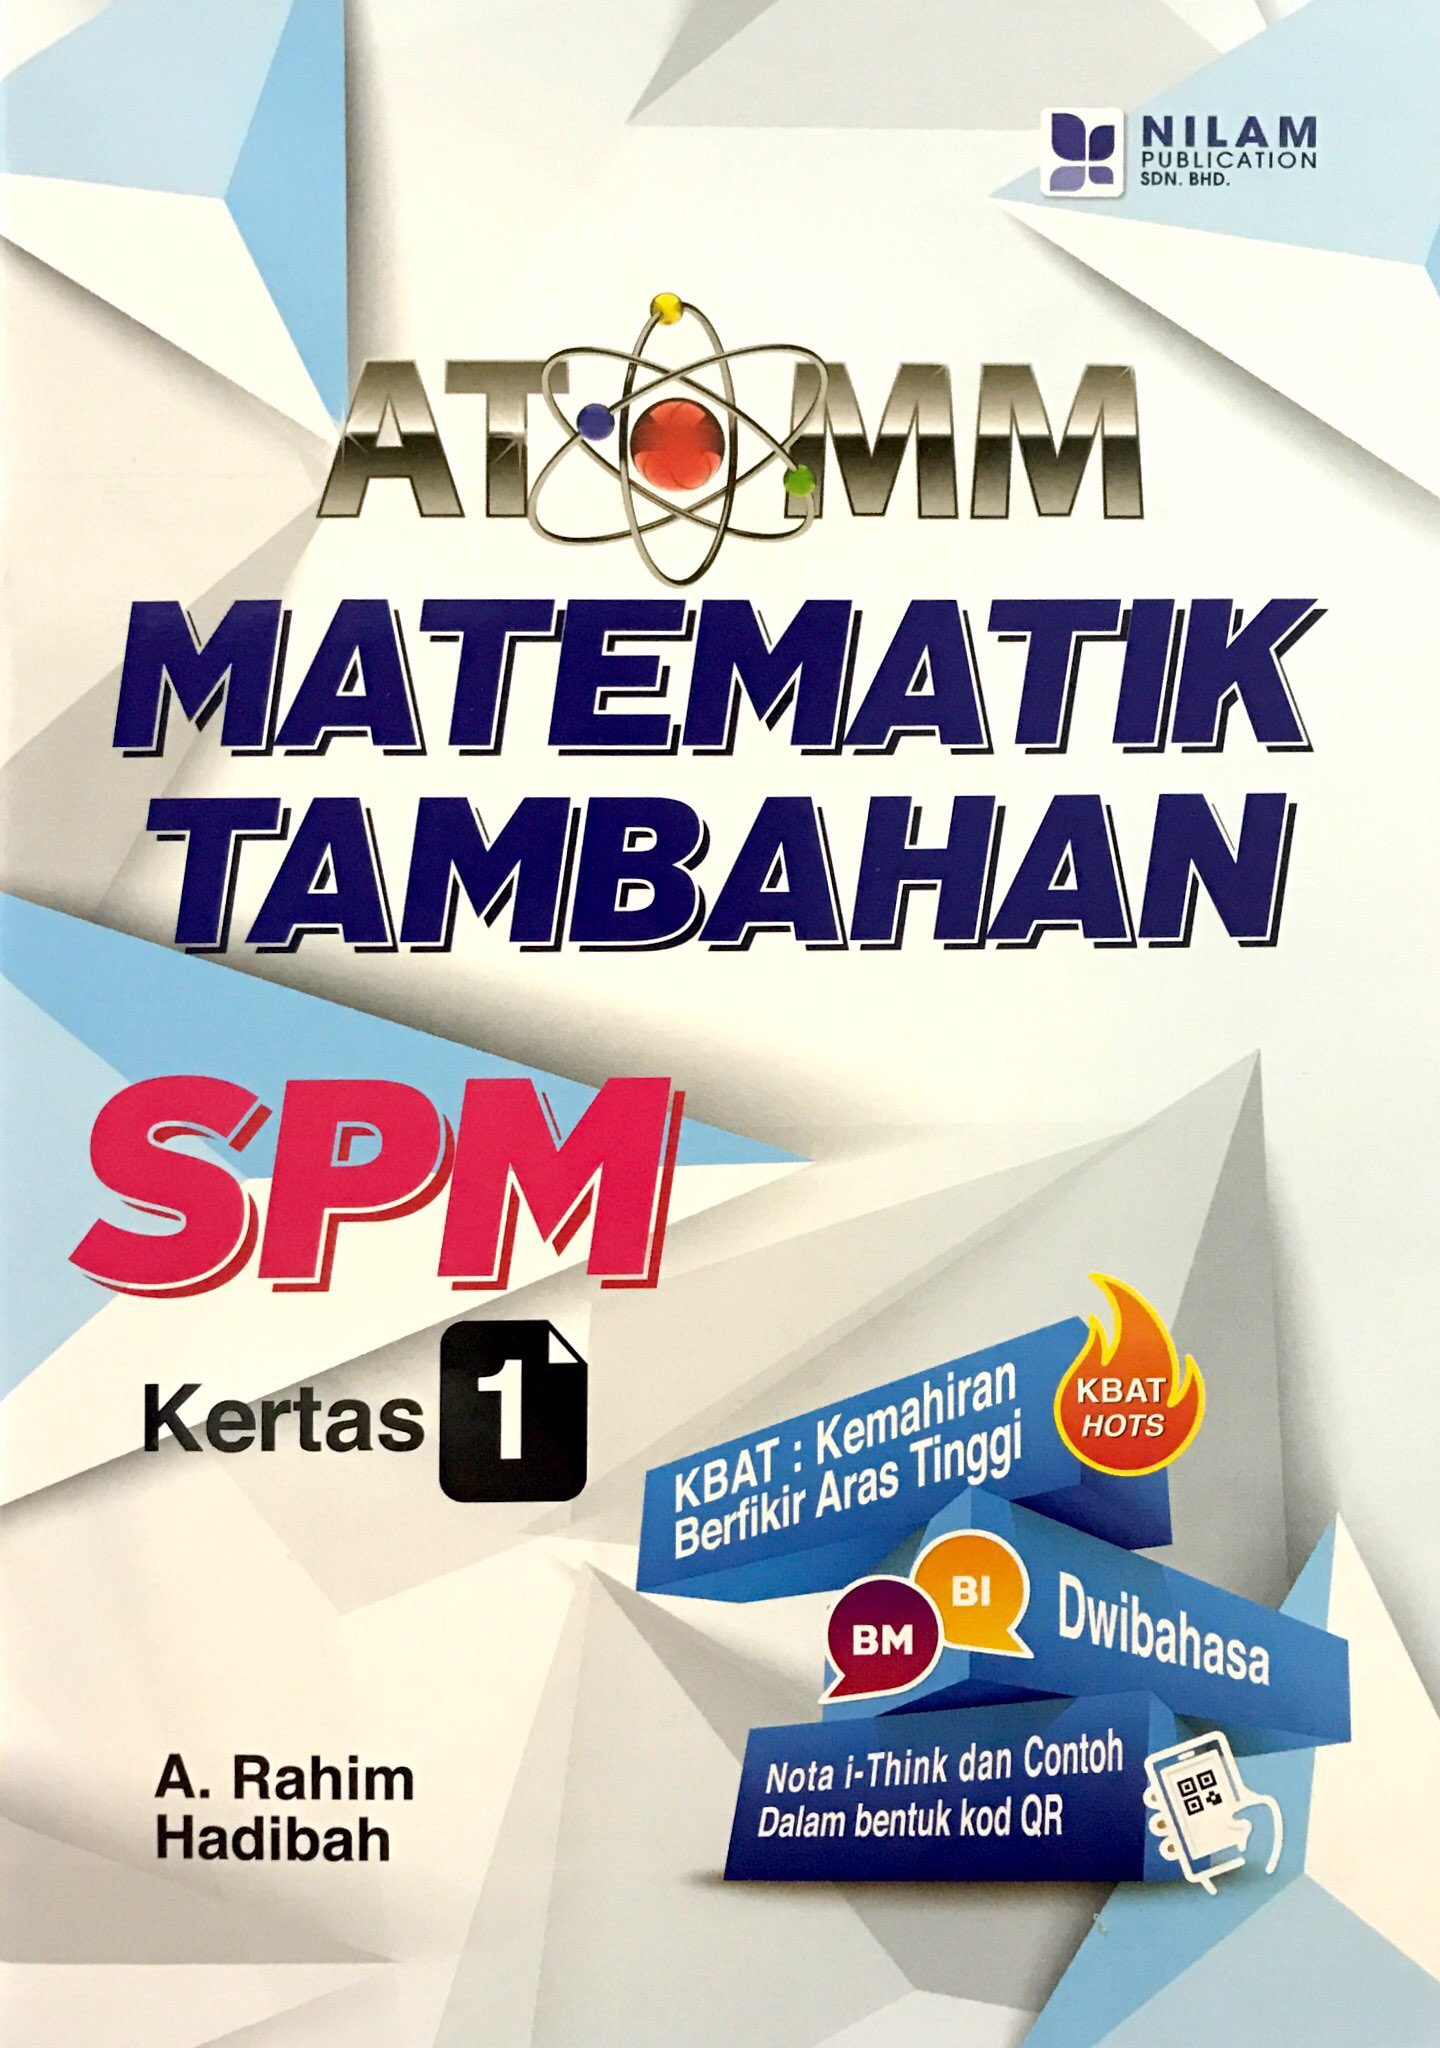 ATOMM Matematik Tambahan SPM Kertas 1 (2018)